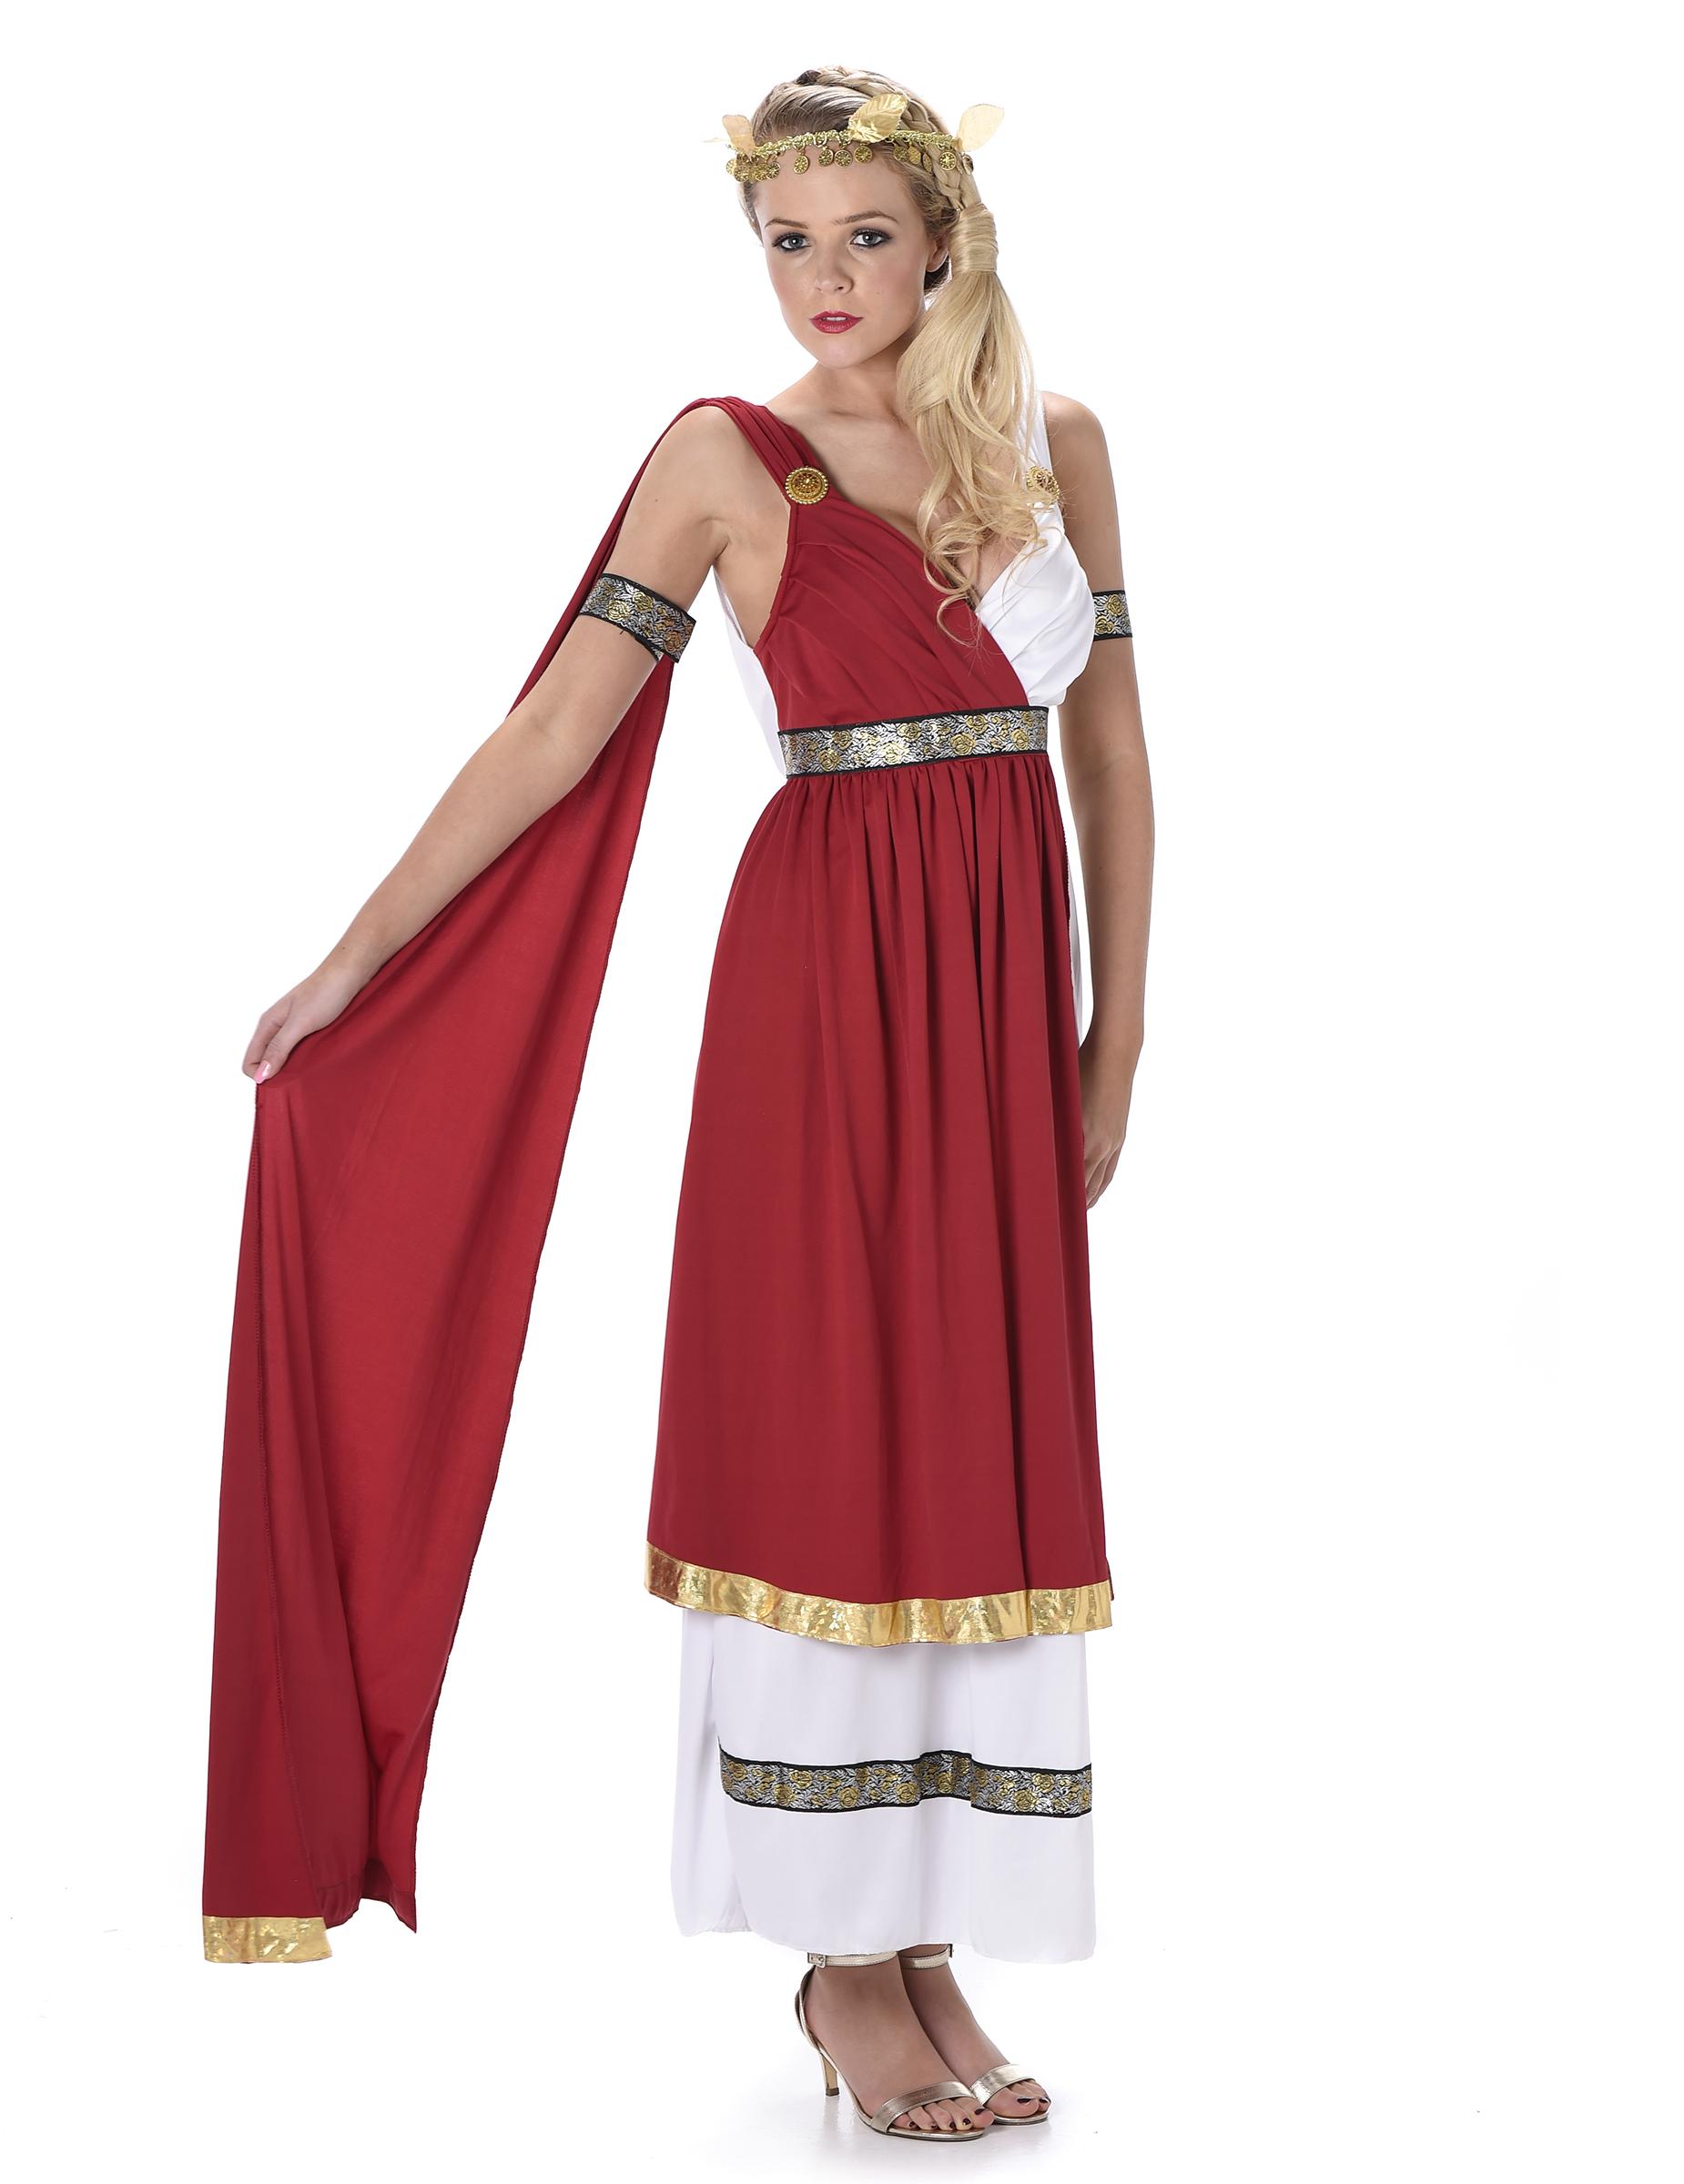 e17d4bda15b6 Costume da romana donna  Costumi adulti